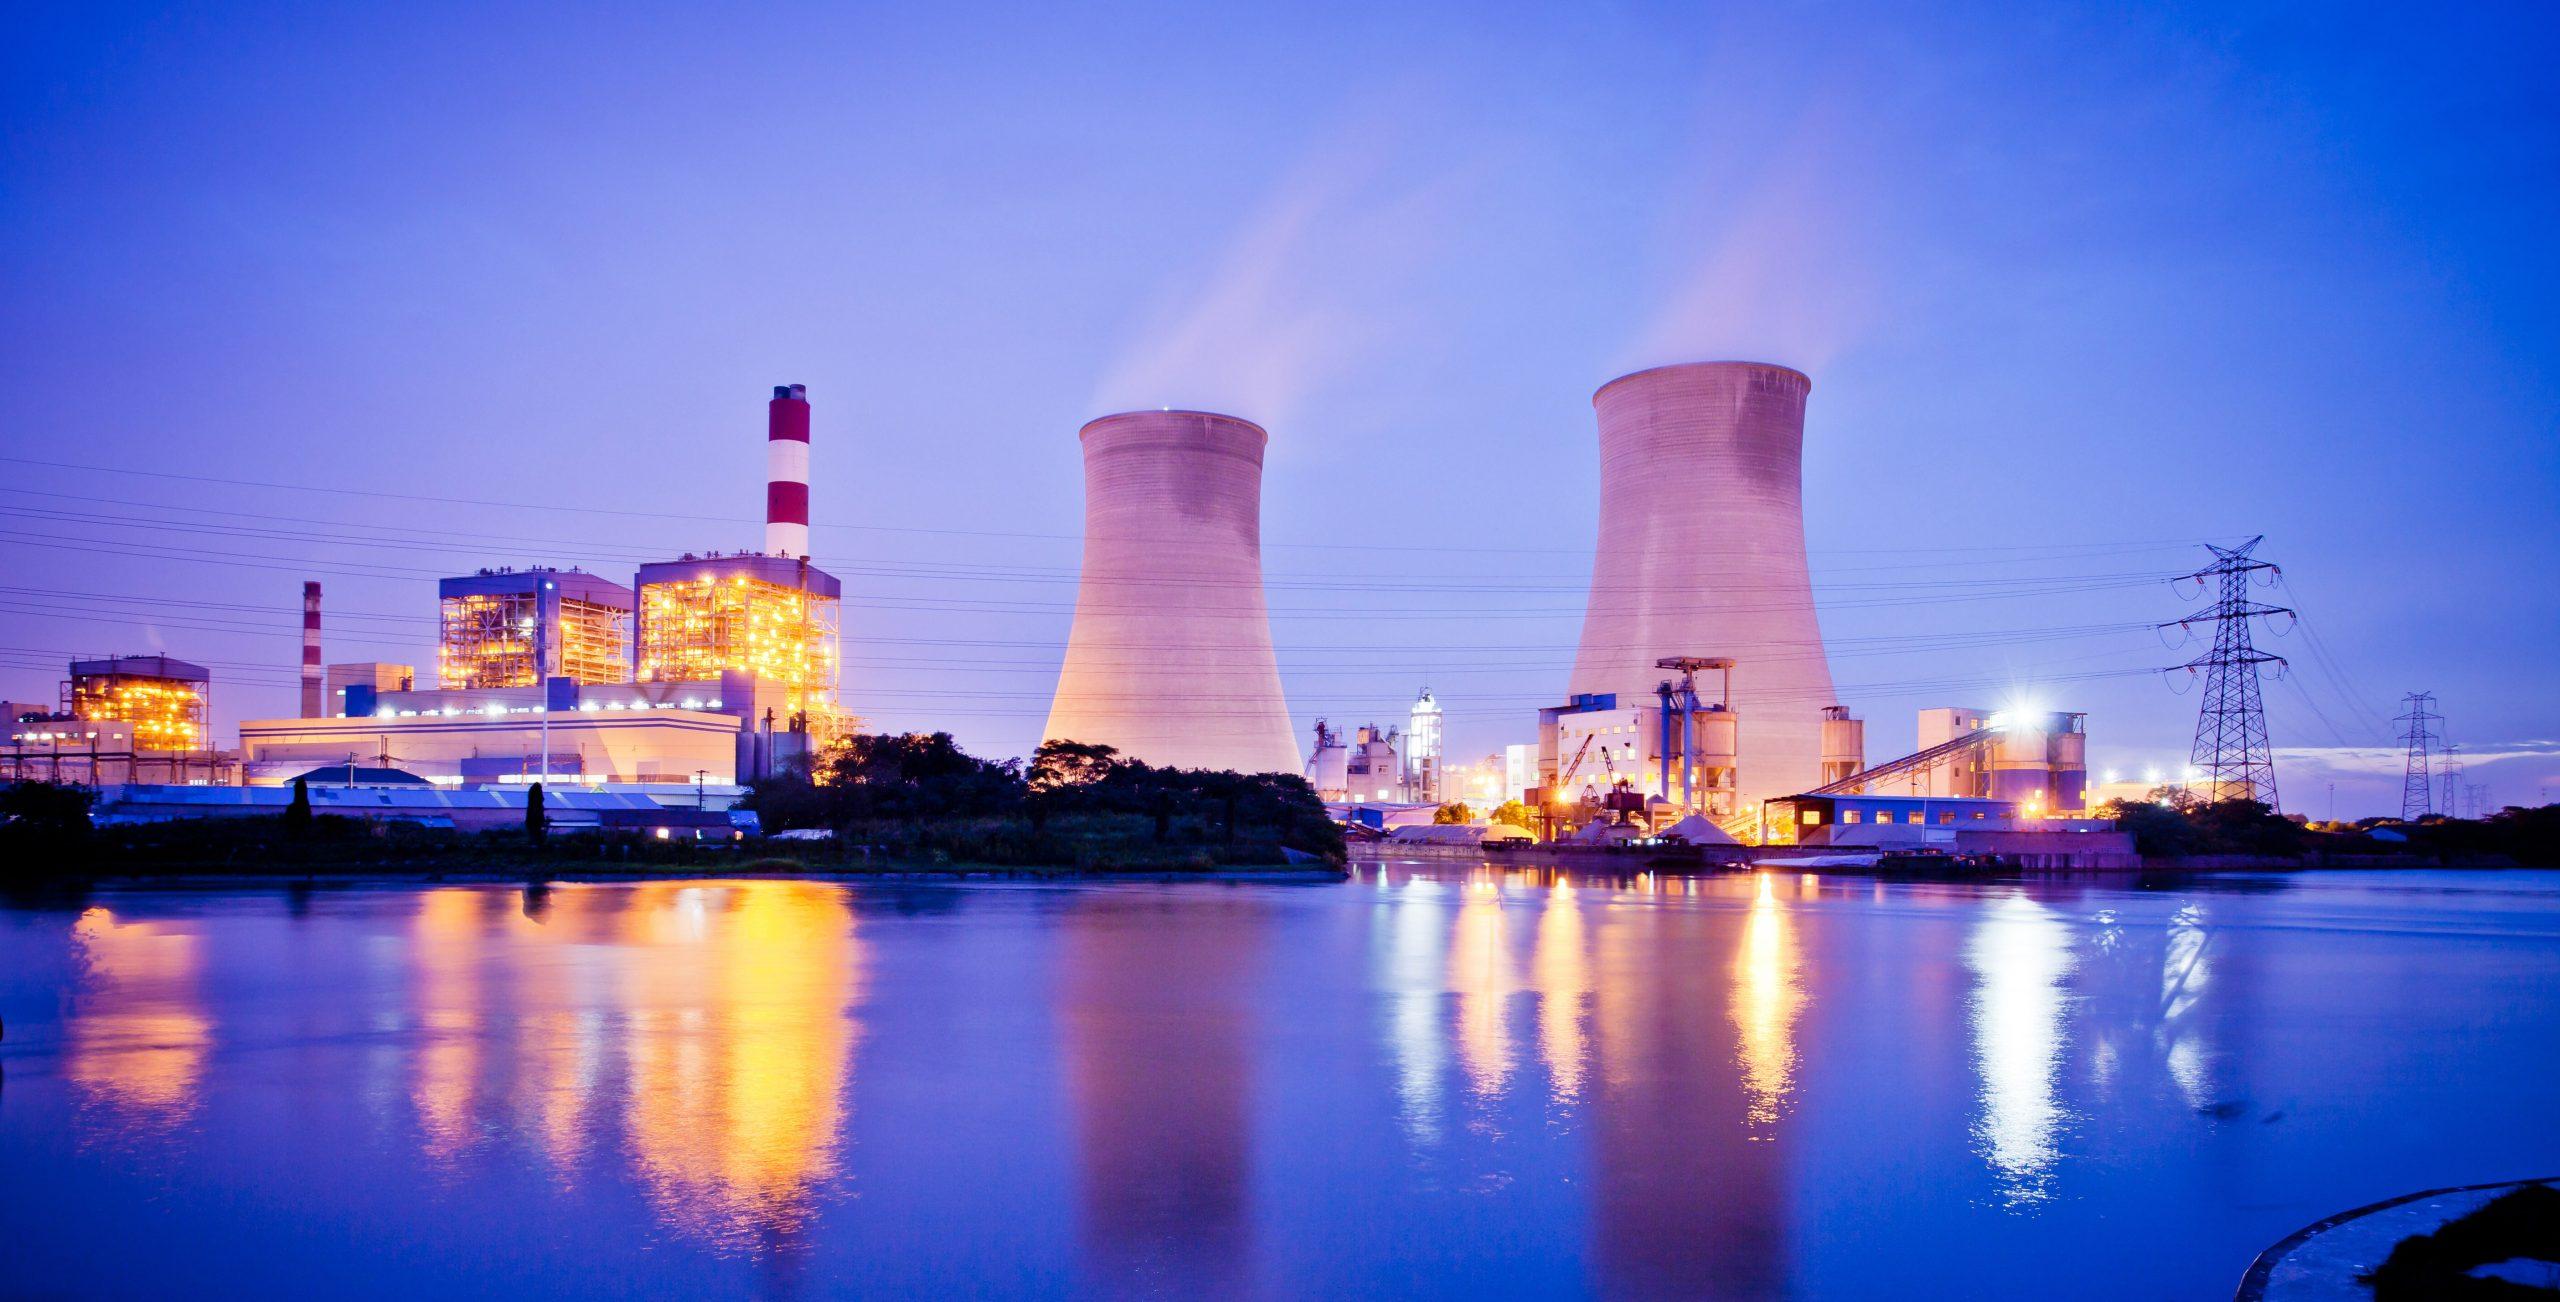 D'ailleurs, le nucléaire, ça vient d'où ?